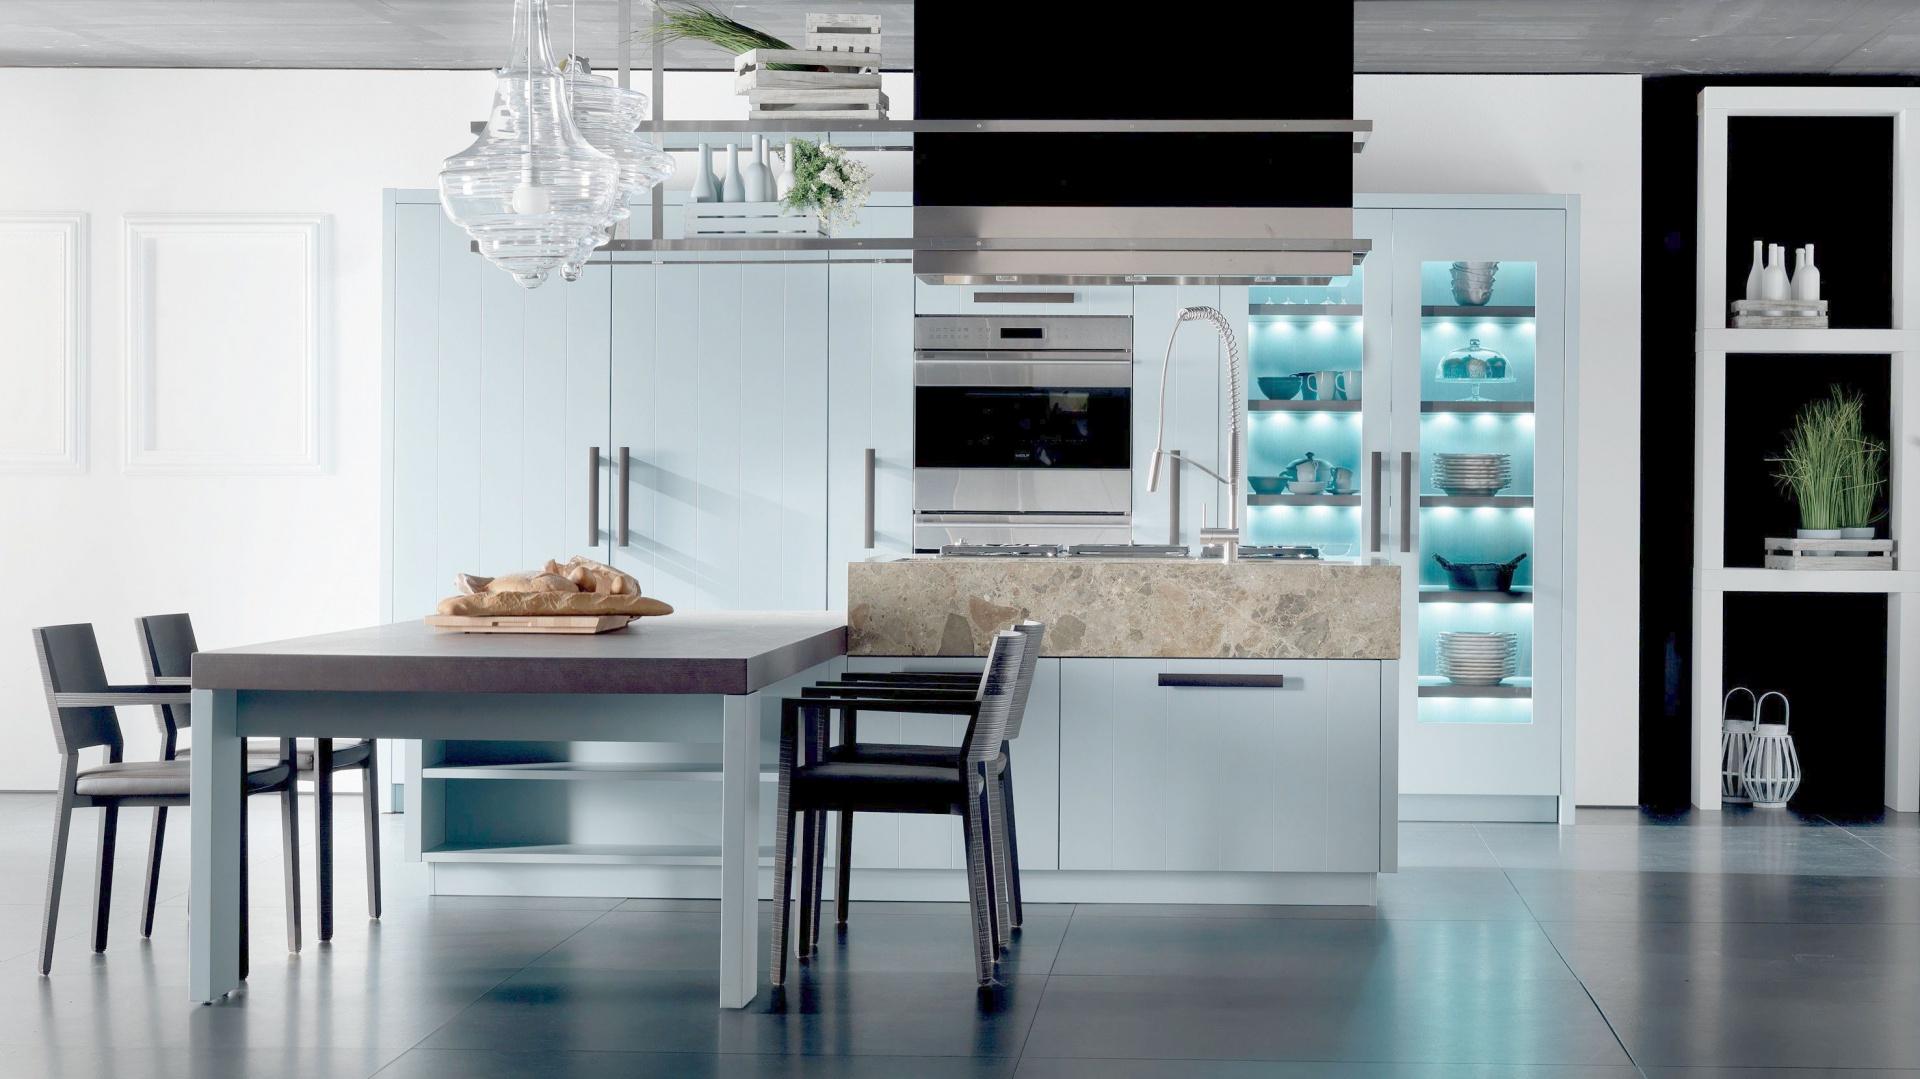 Usytuowanie stołu w centrum wnętrza jest swoistym nawiązaniem do tradycyjnej włoskiej kuchni, gdzie biesiaduje rodzina. Fot. Fabio Luciani.